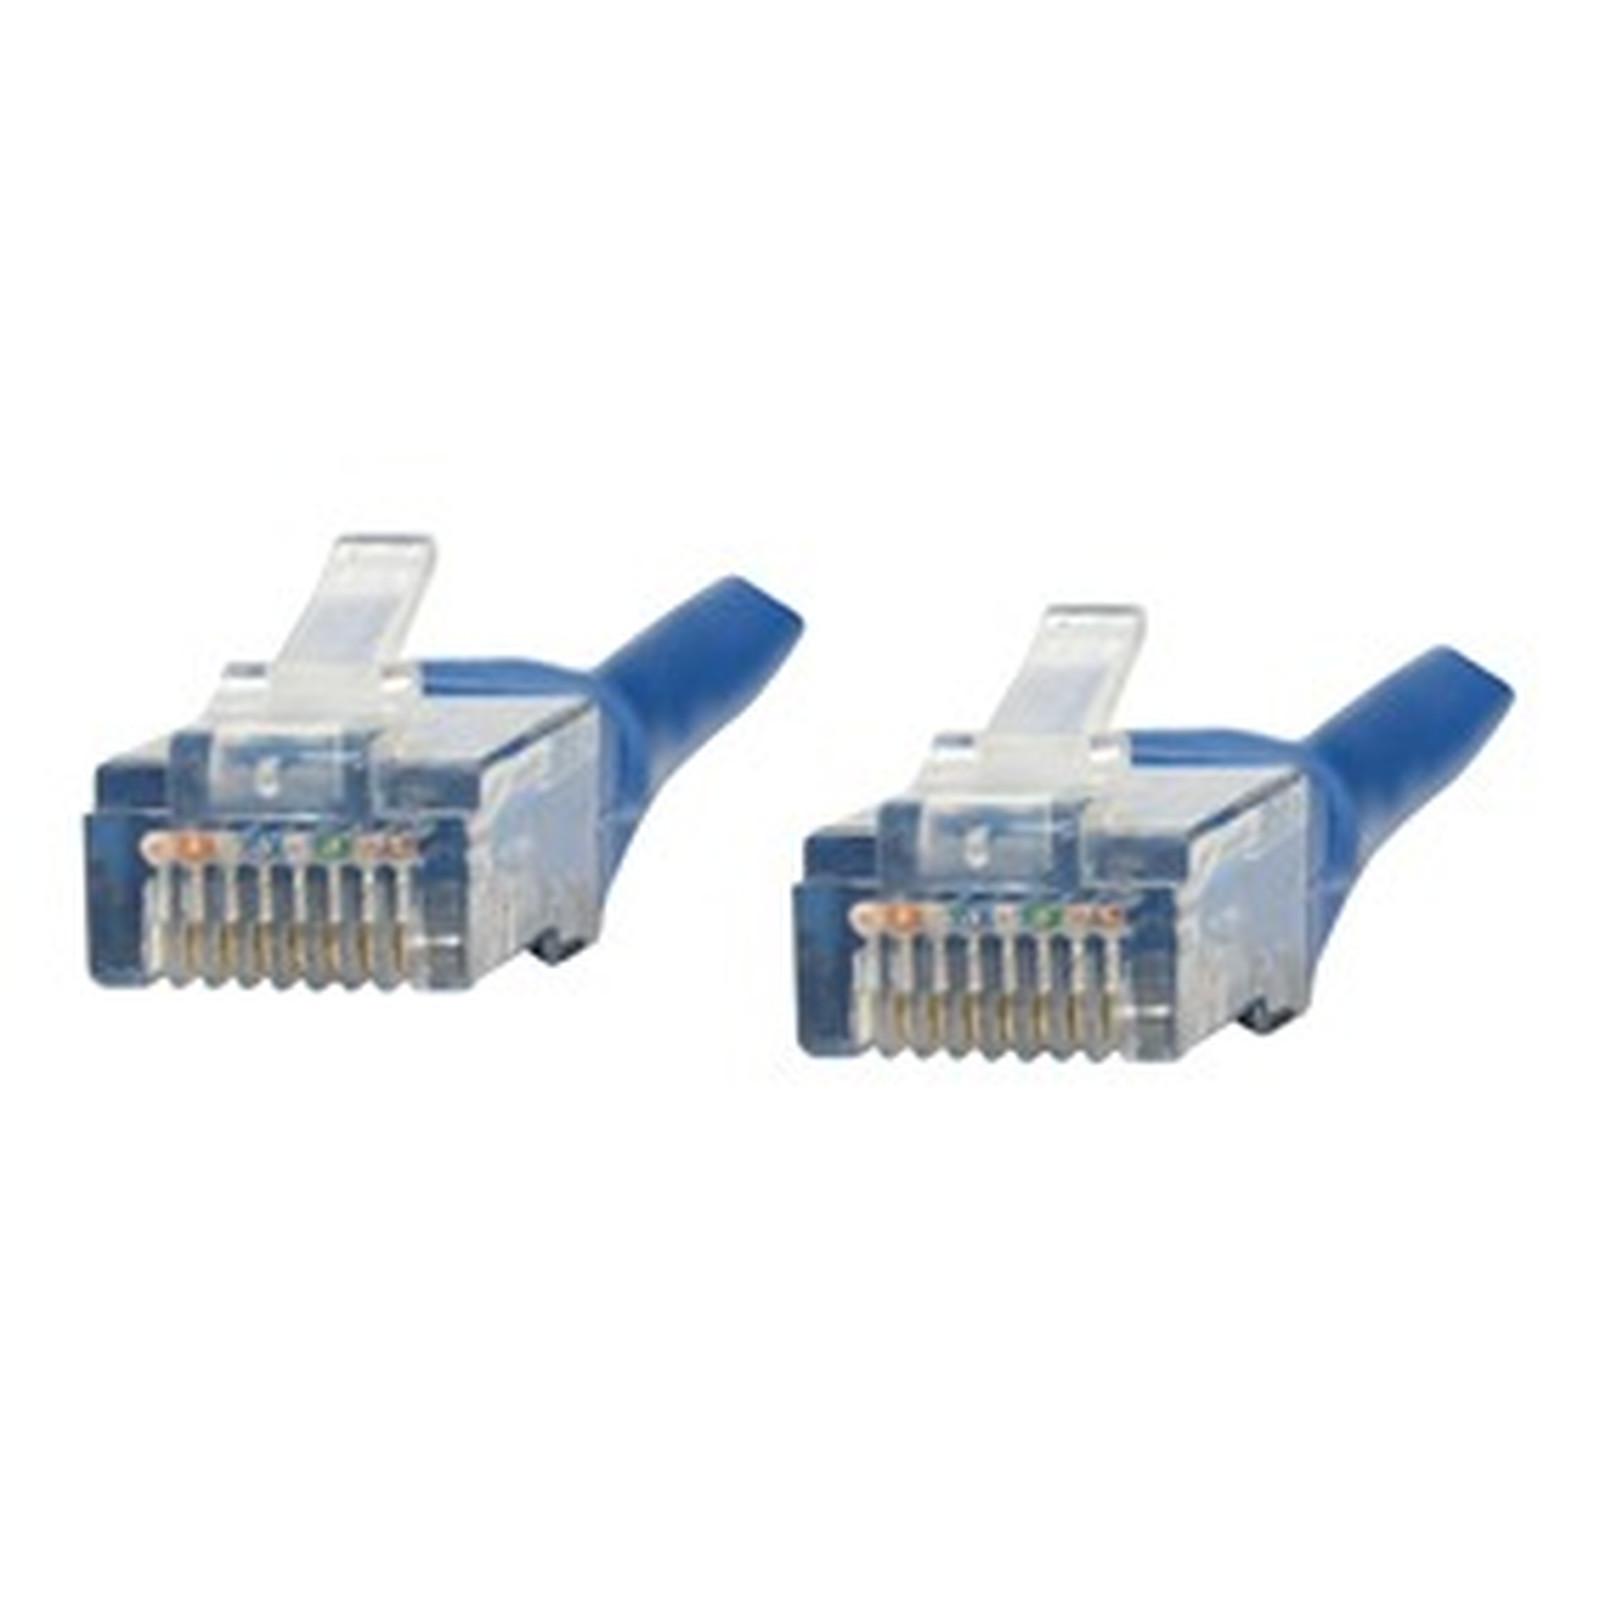 Cable RJ45 de categoría 5e U/UTP 5 m (azul)